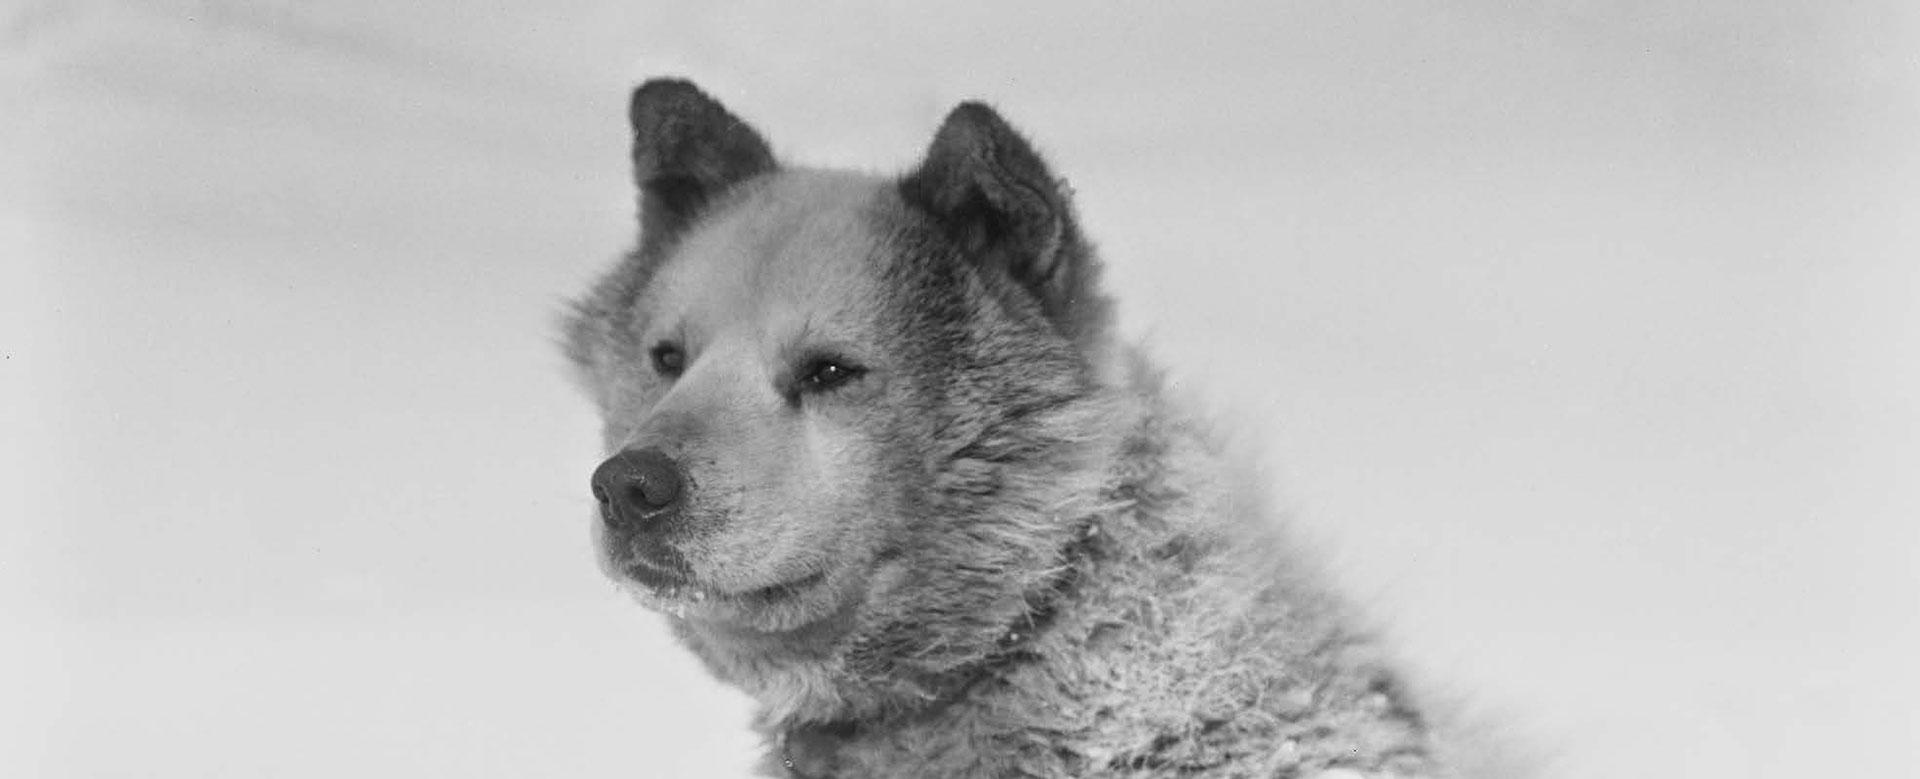 iniuit-dogs-61